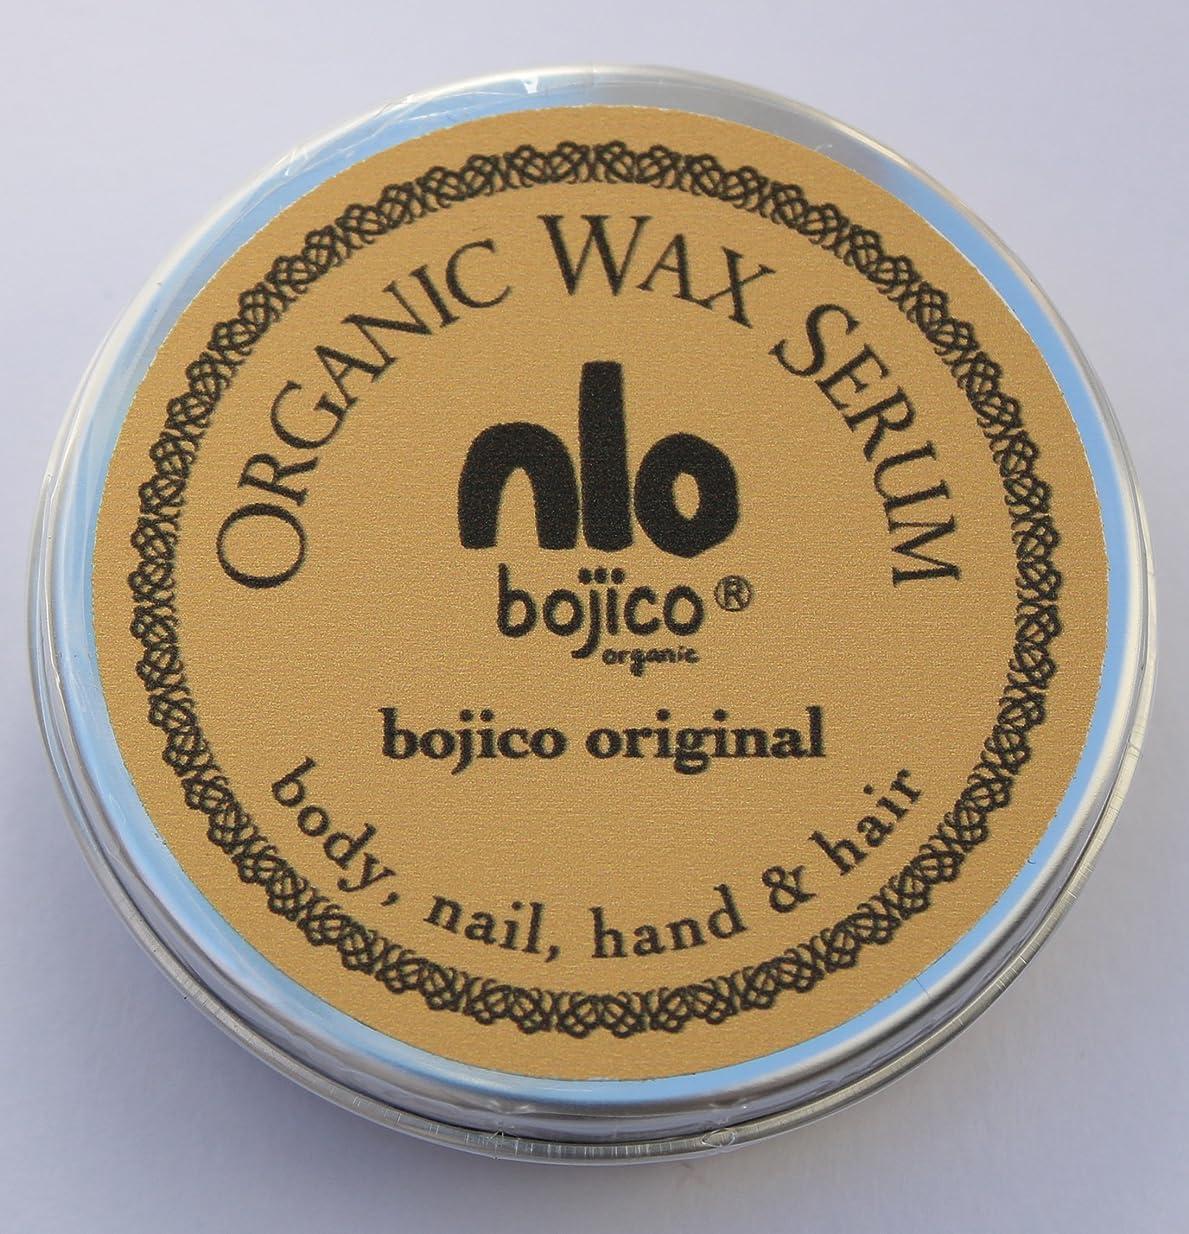 乳ハック競争bojico オーガニック ワックス セラム<オリジナル> Organic Wax Serum 40g